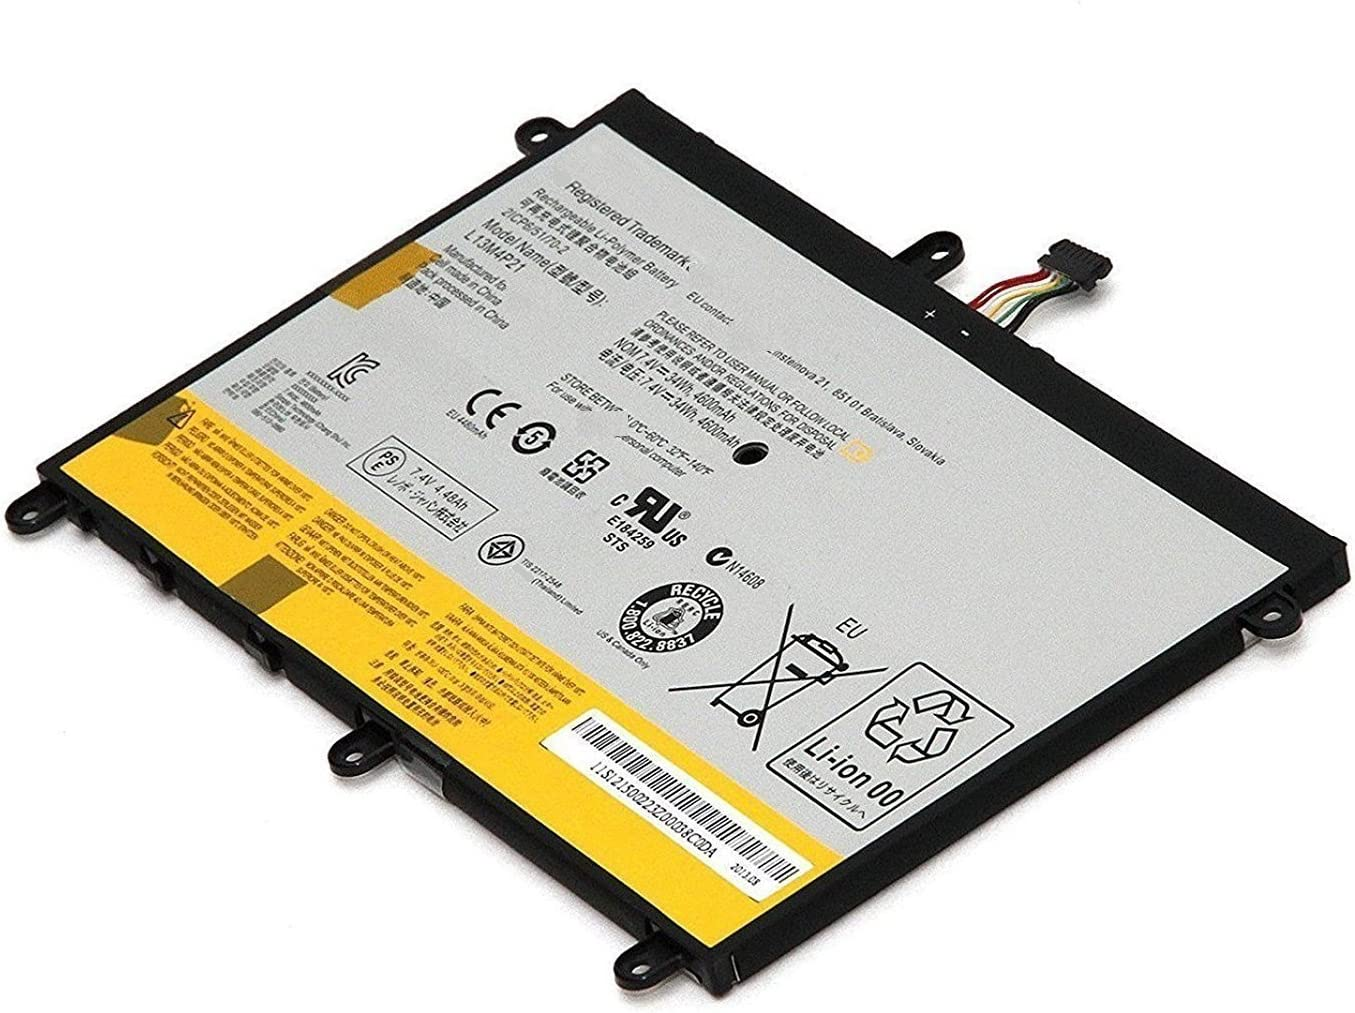 """Dentsing L13M4P21 7.4V 34Wh 4600mAh Battery for Lenovo Yoga 2 11 20428/20332 11.6"""" L13L4P21"""